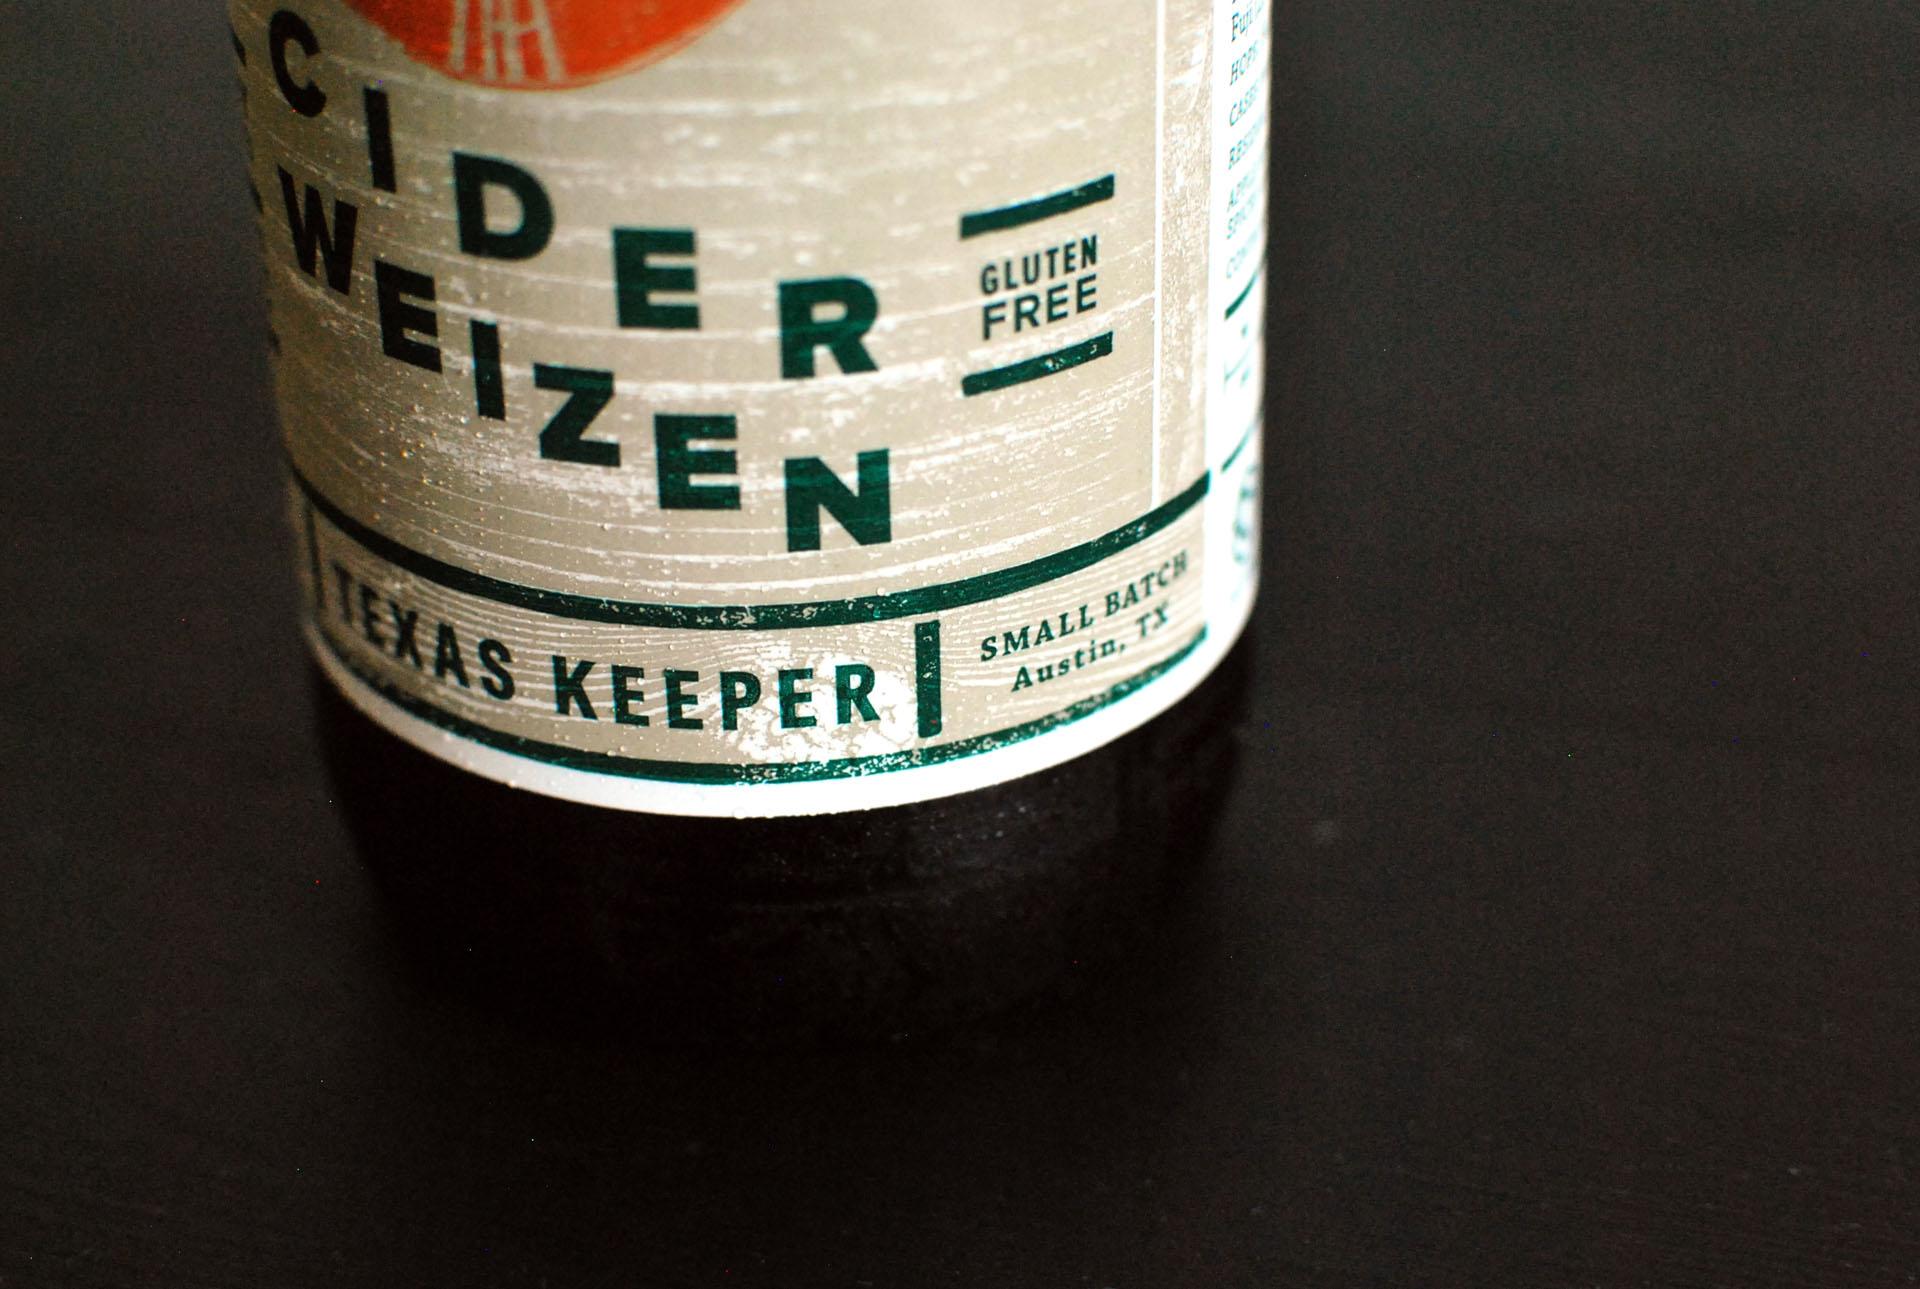 Texas Keeper Cider Weizen